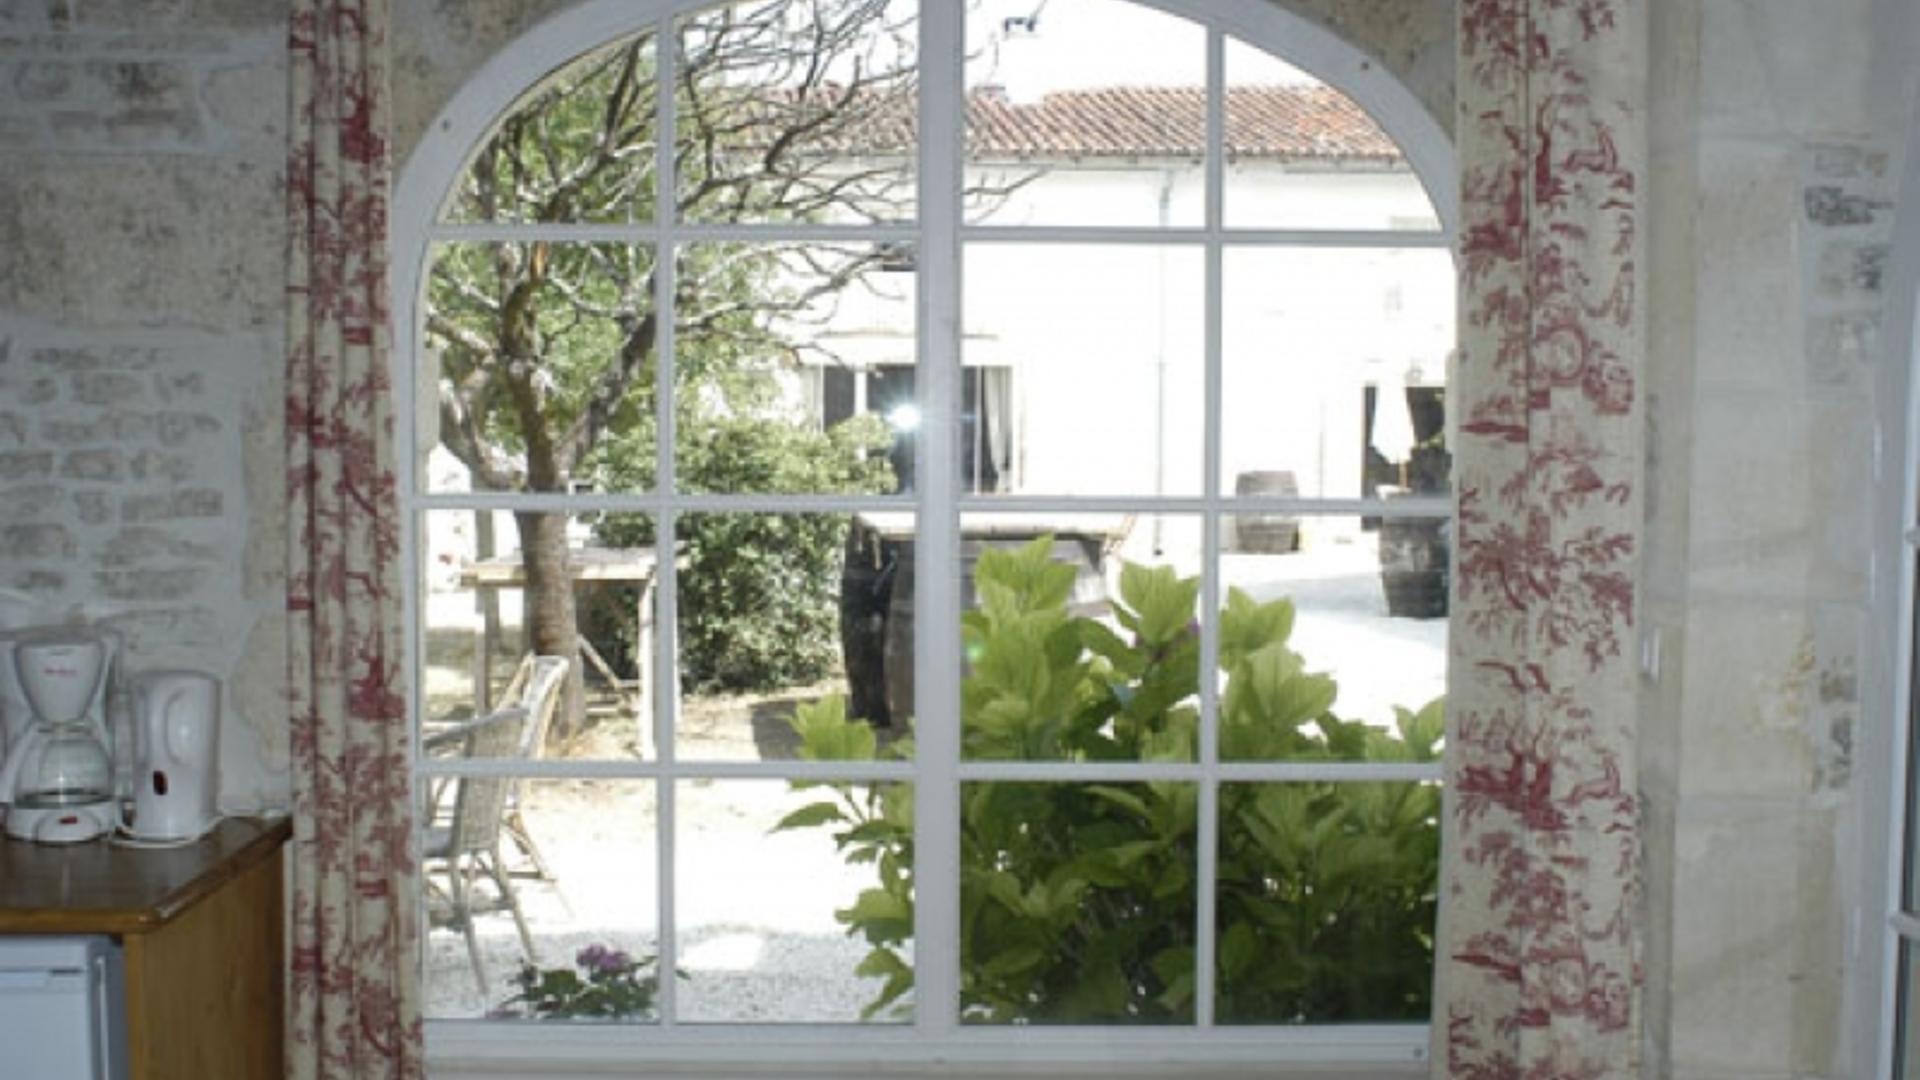 2 Bedroom Gite in Poitou-Charentes, France